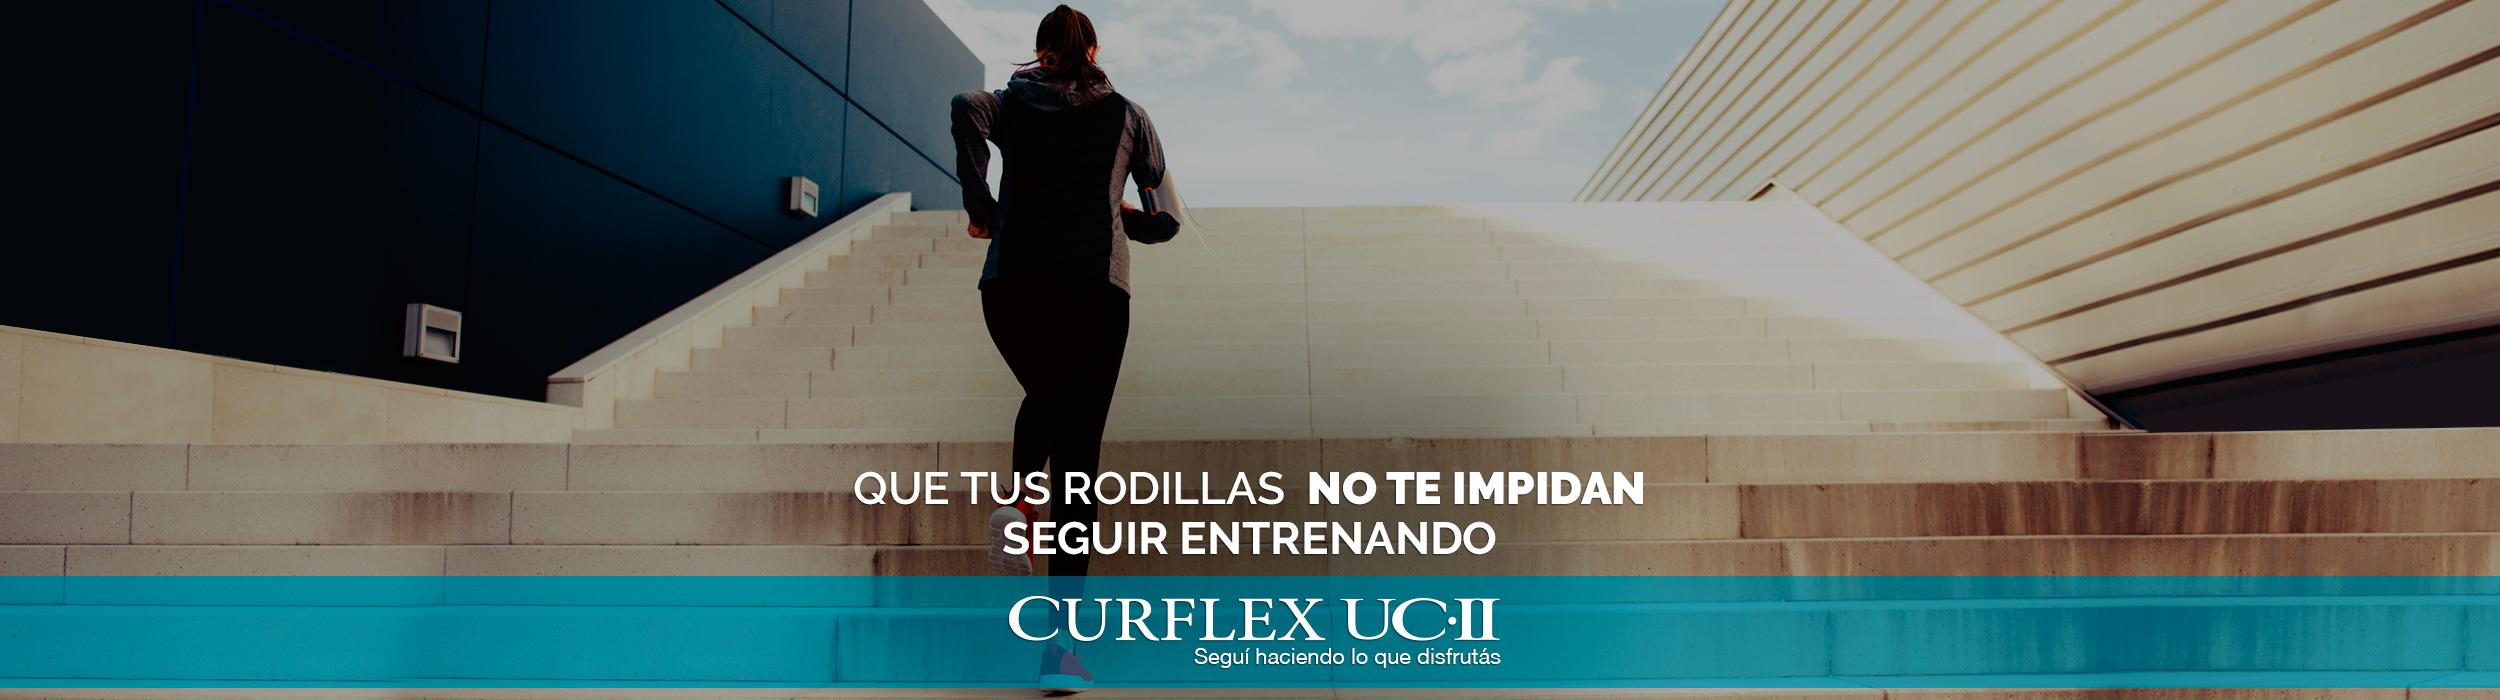 Curflex